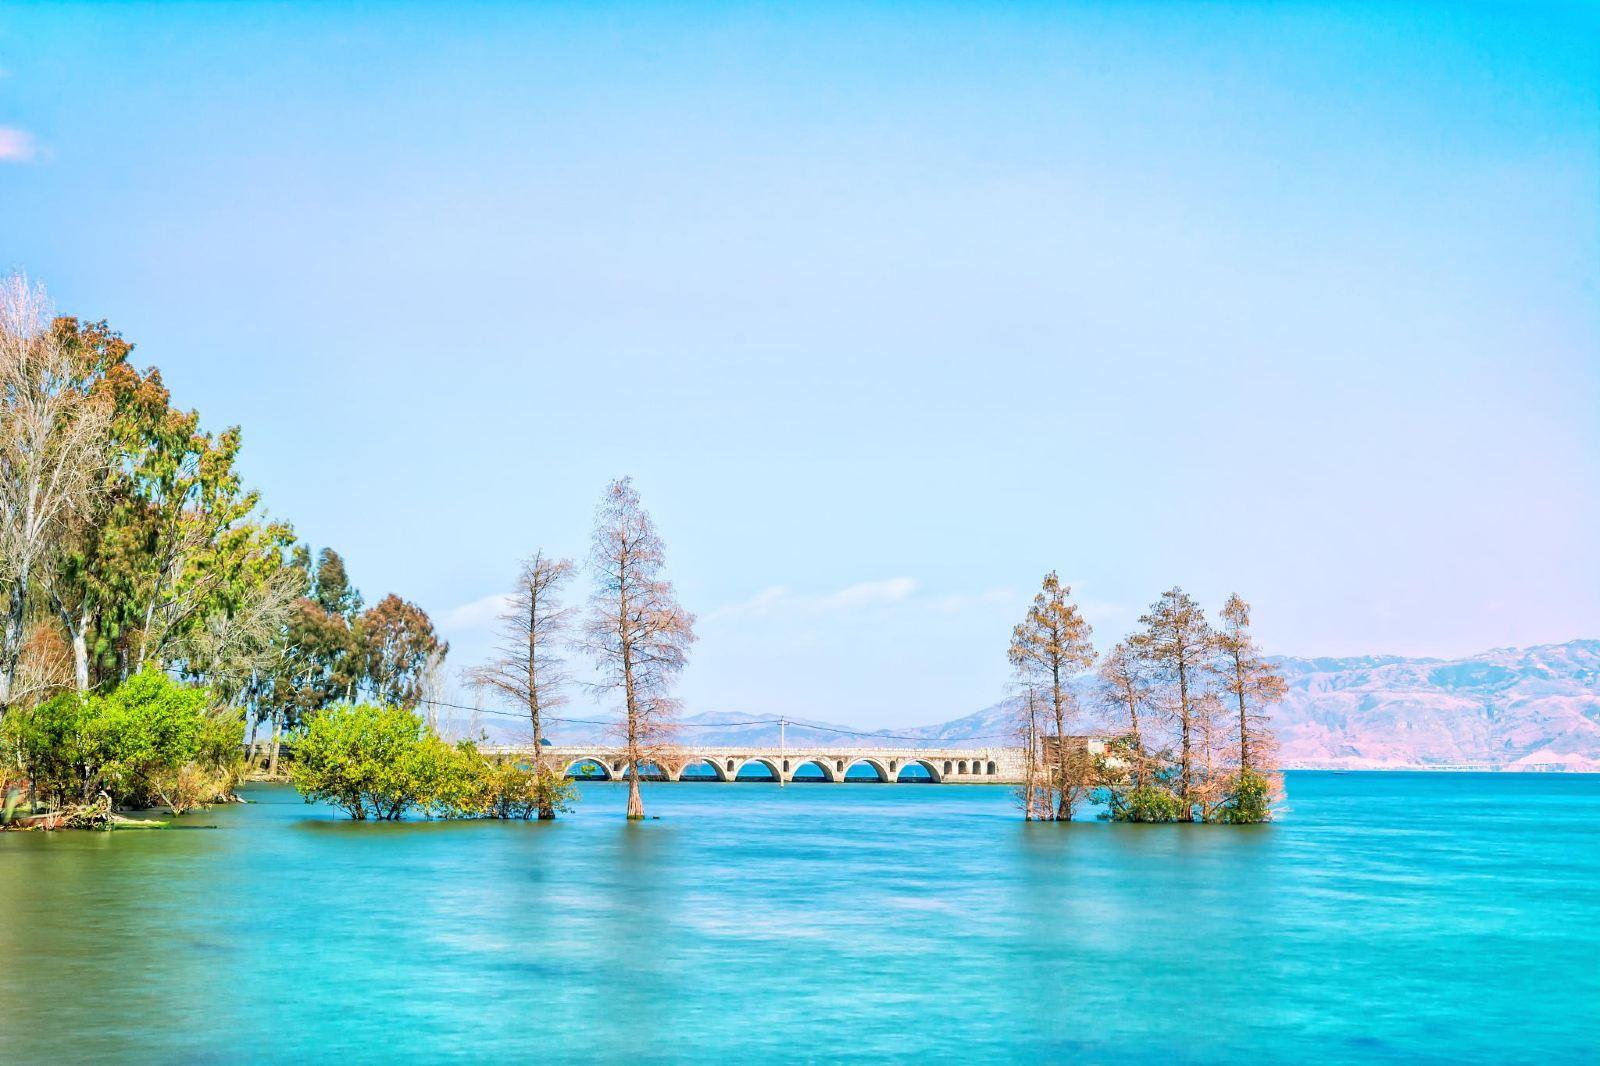 大理丽江香格里拉旅游路线——处处美景